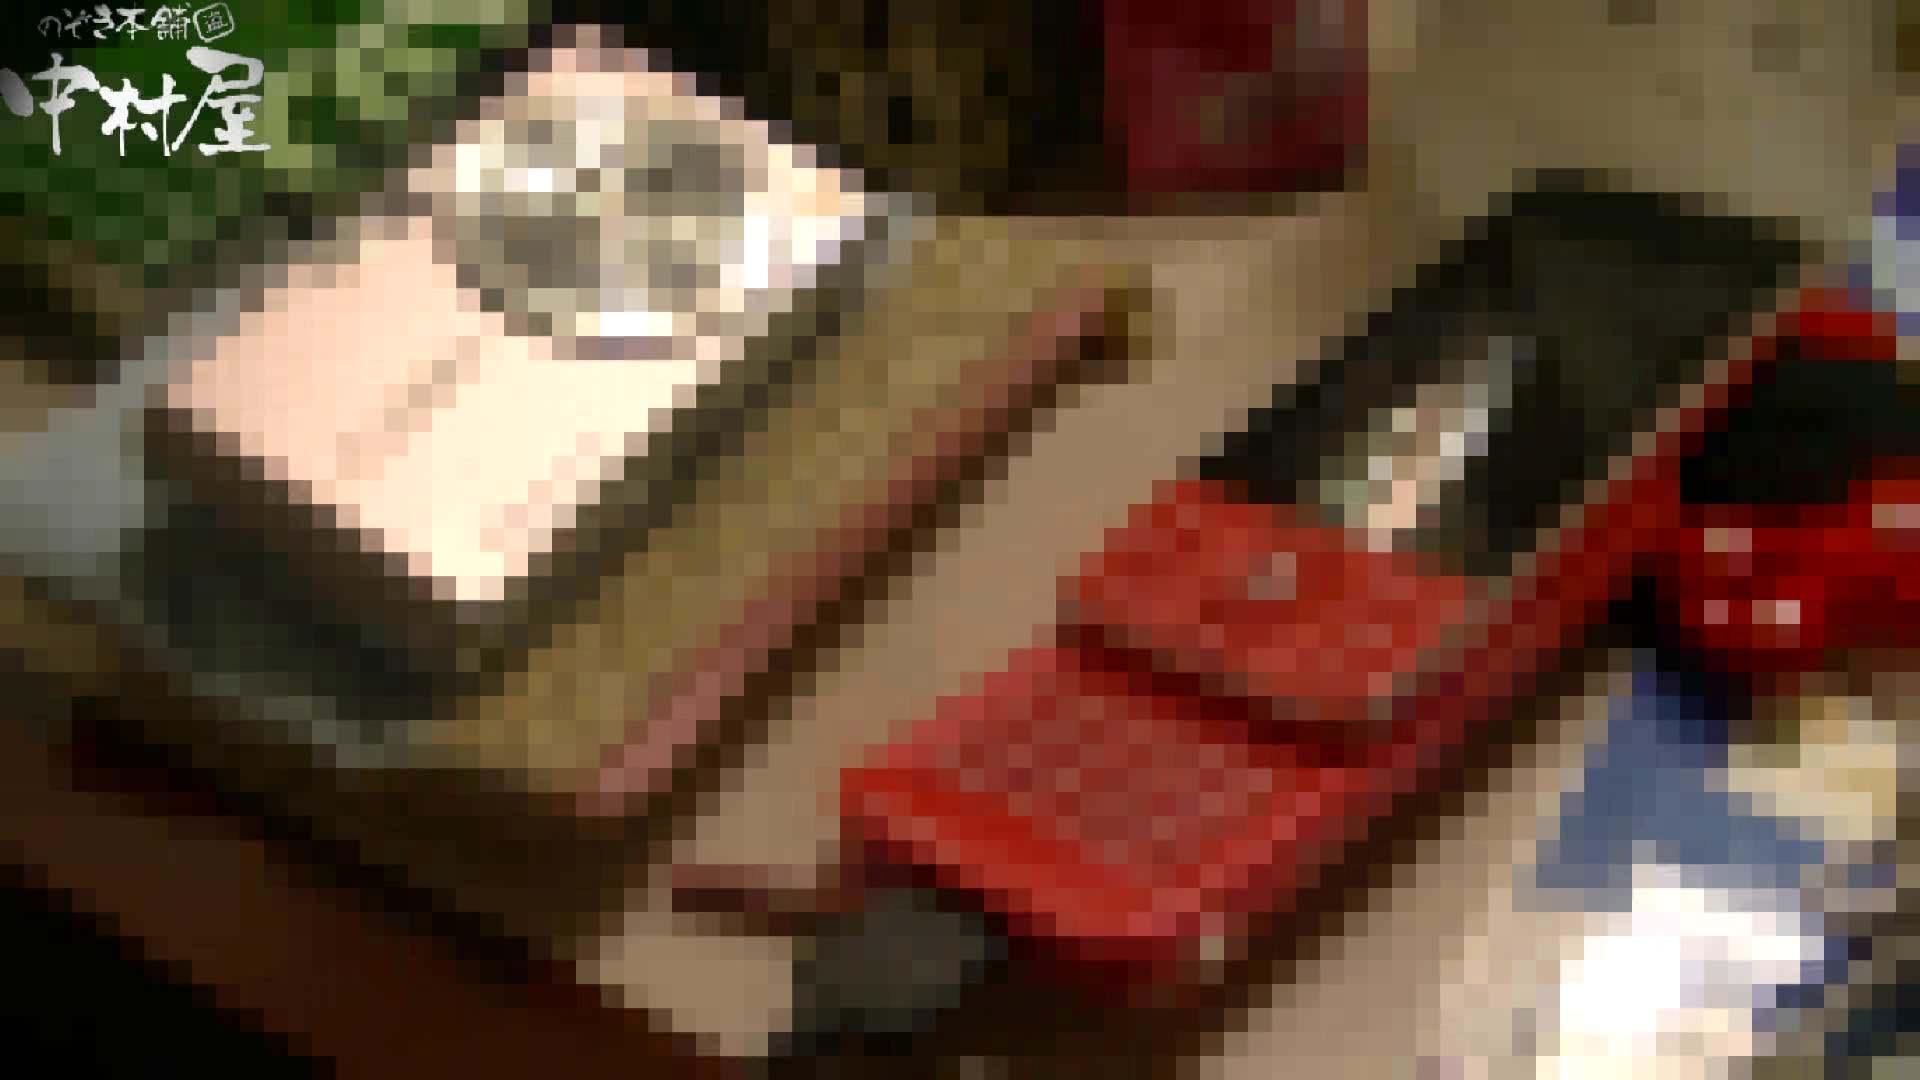 ネムリ姫 vol.26 ホテル隠し撮り AV無料動画キャプチャ 93pic 22